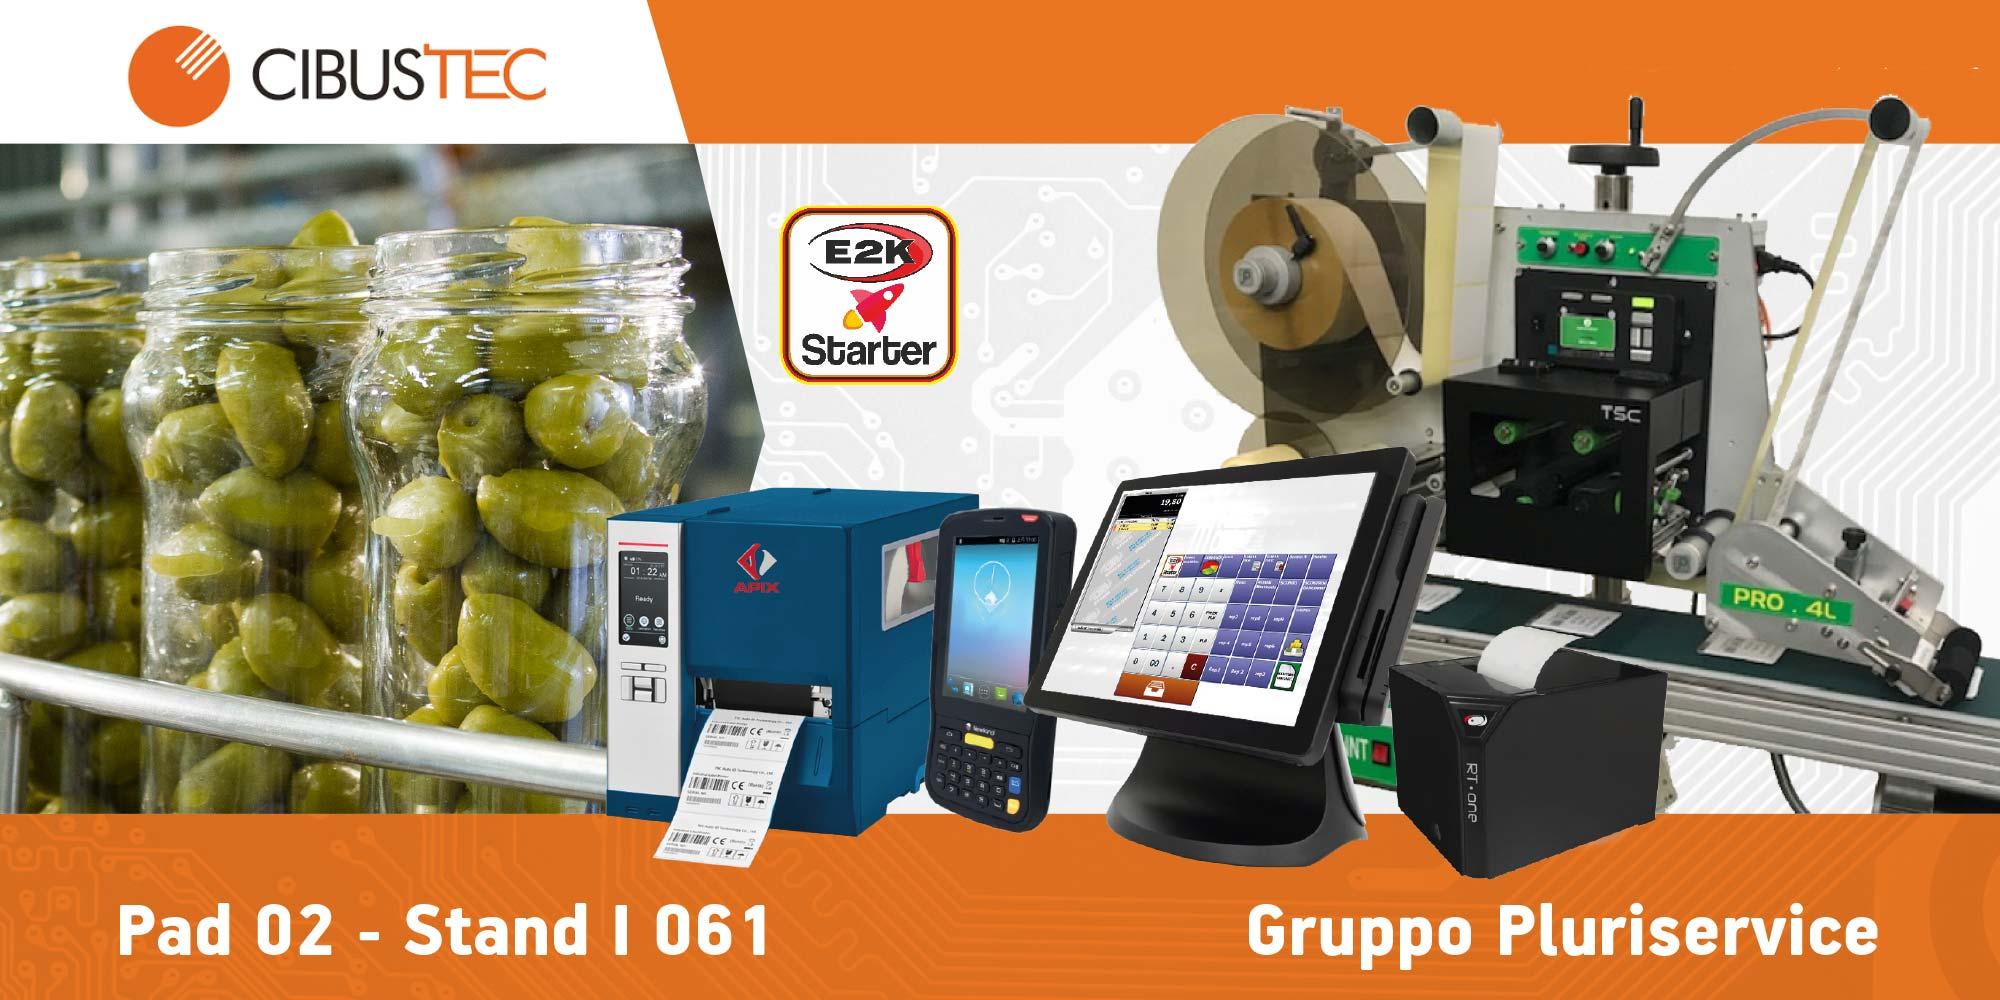 Cibustec Parma 2019 - Gruppo Pluriservice